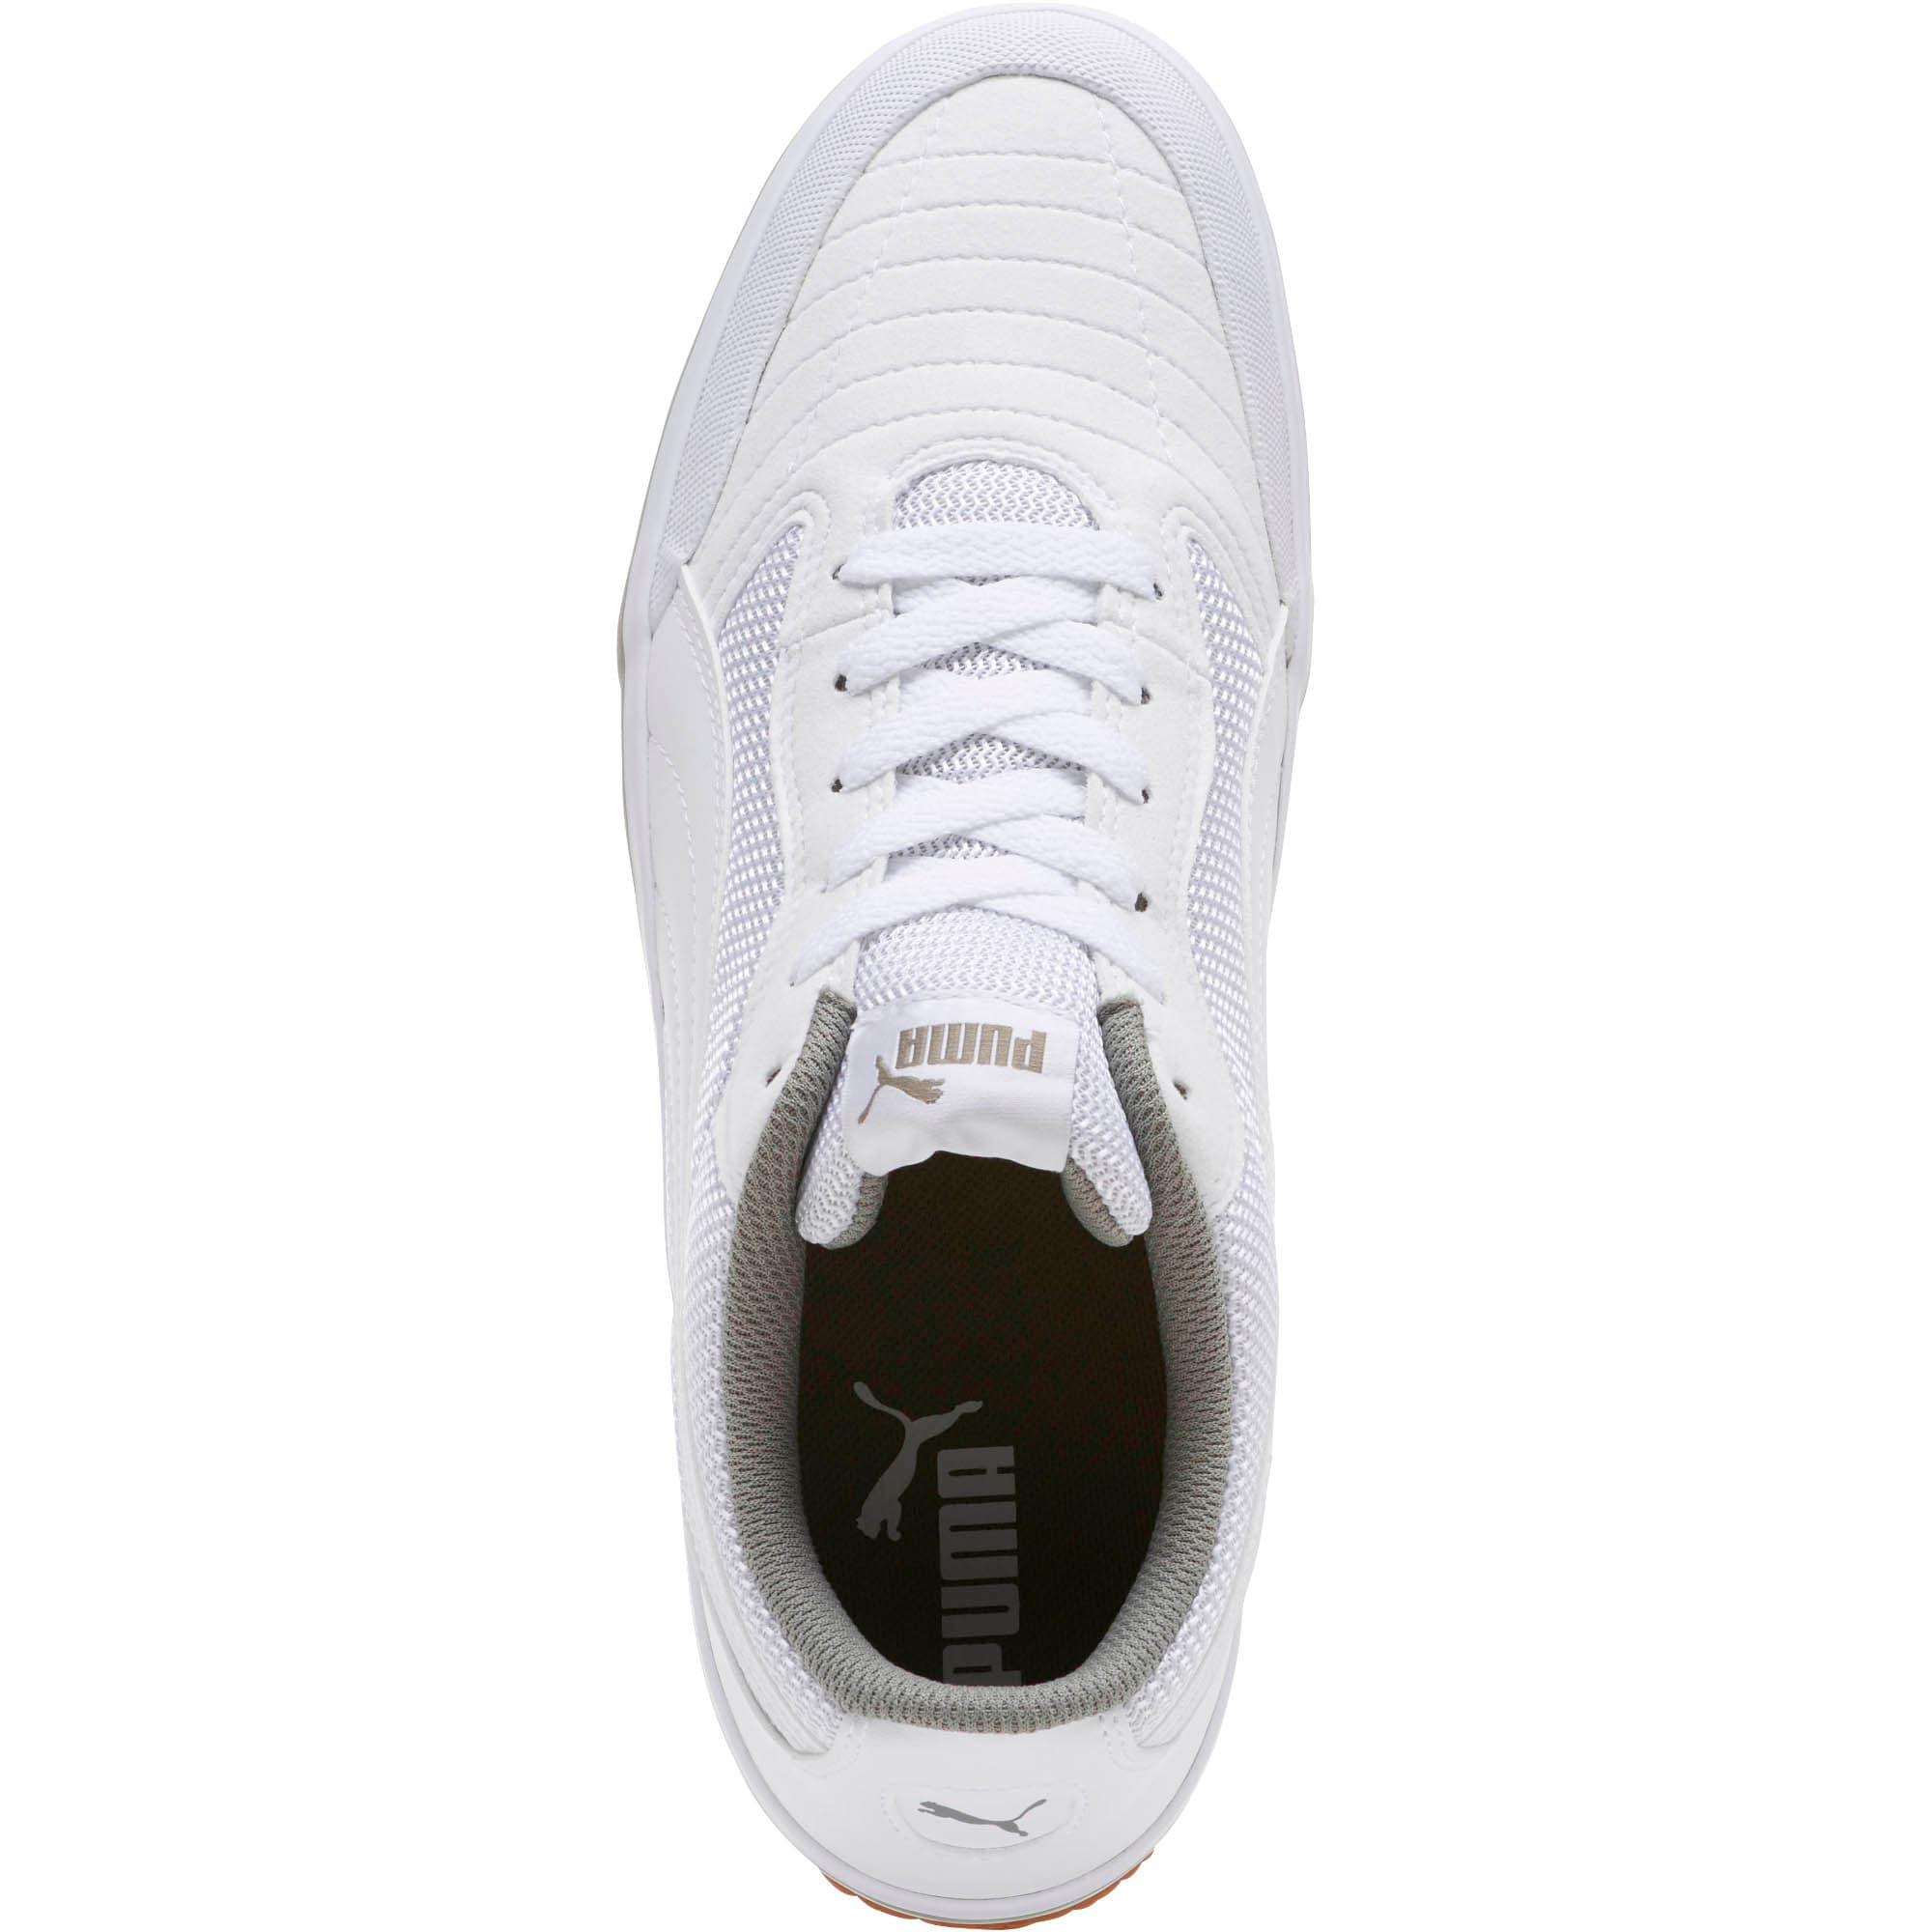 Thumbnail 5 of Astro Sala Sneakers, Puma White-Puma White, medium